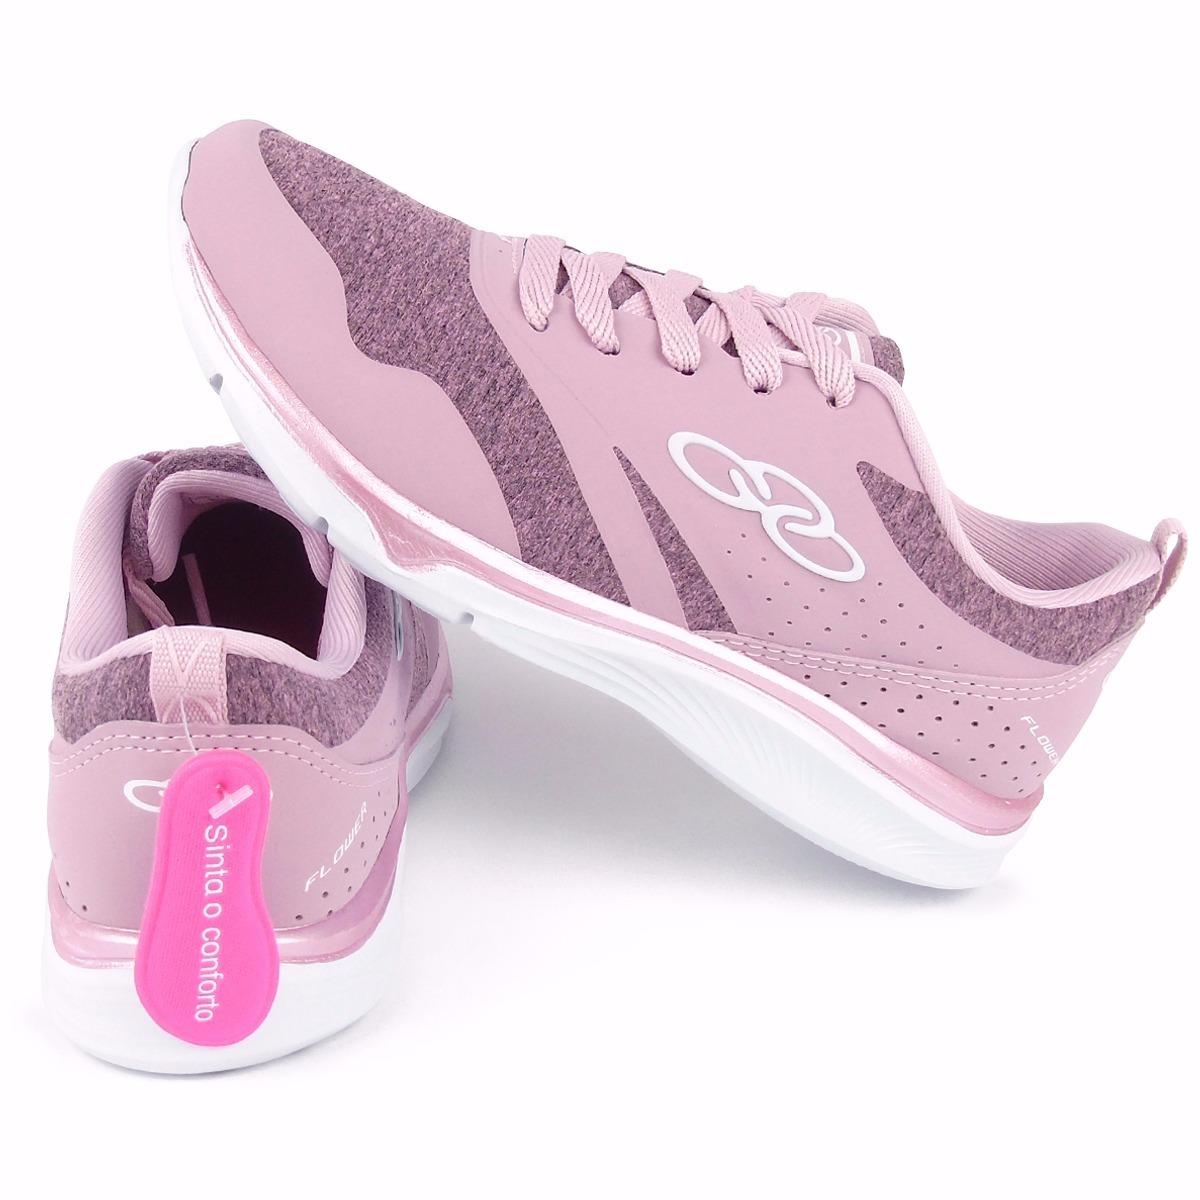 2f063118e86 tênis olympikus feminino caminhada flower rosa original. Carregando zoom.